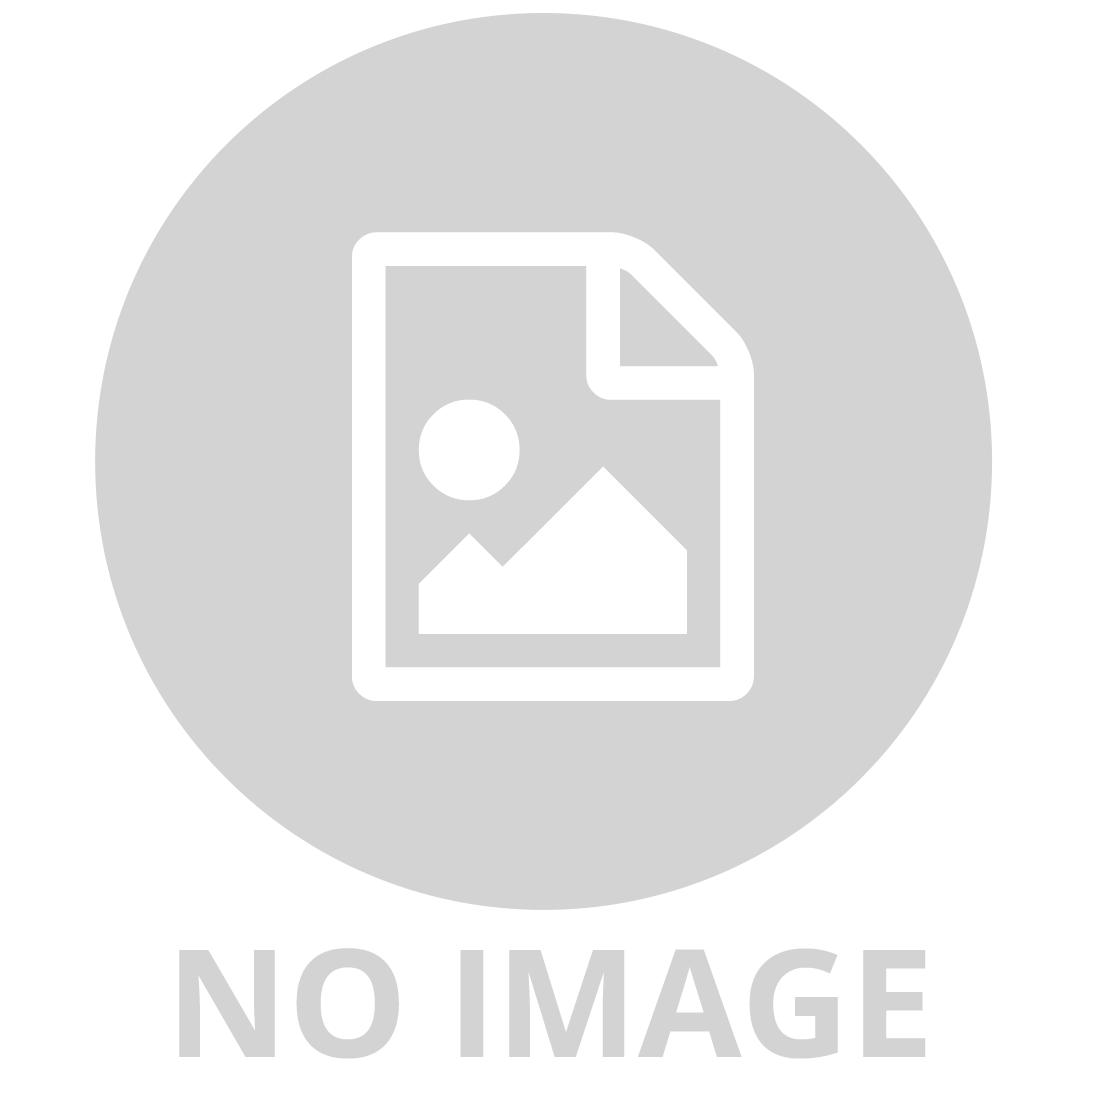 POWER SQUIRTER WATER GUN